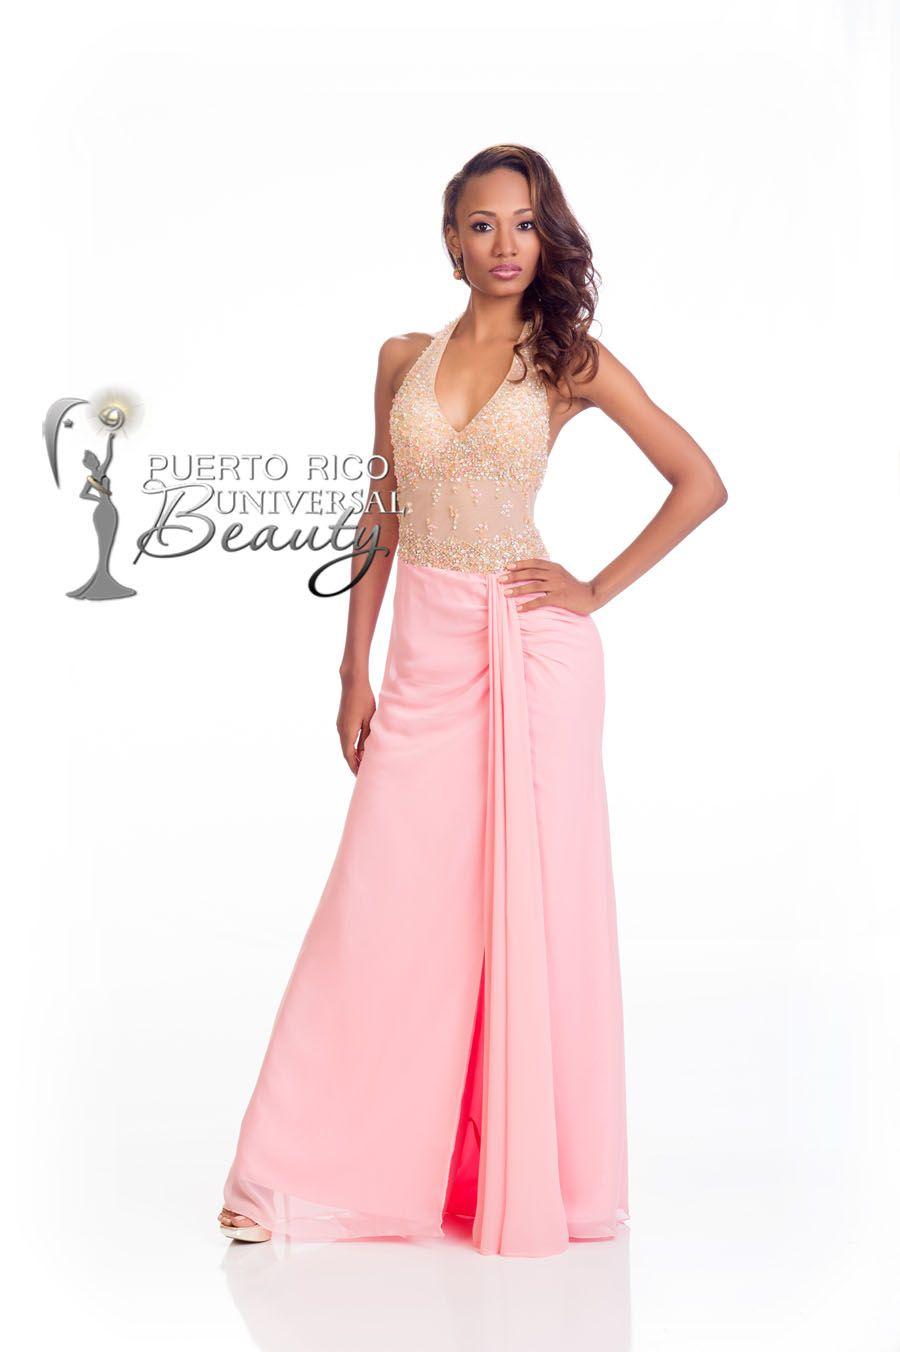 Encantador Alquilar Vestido De Novia Miami Composición - Colección ...